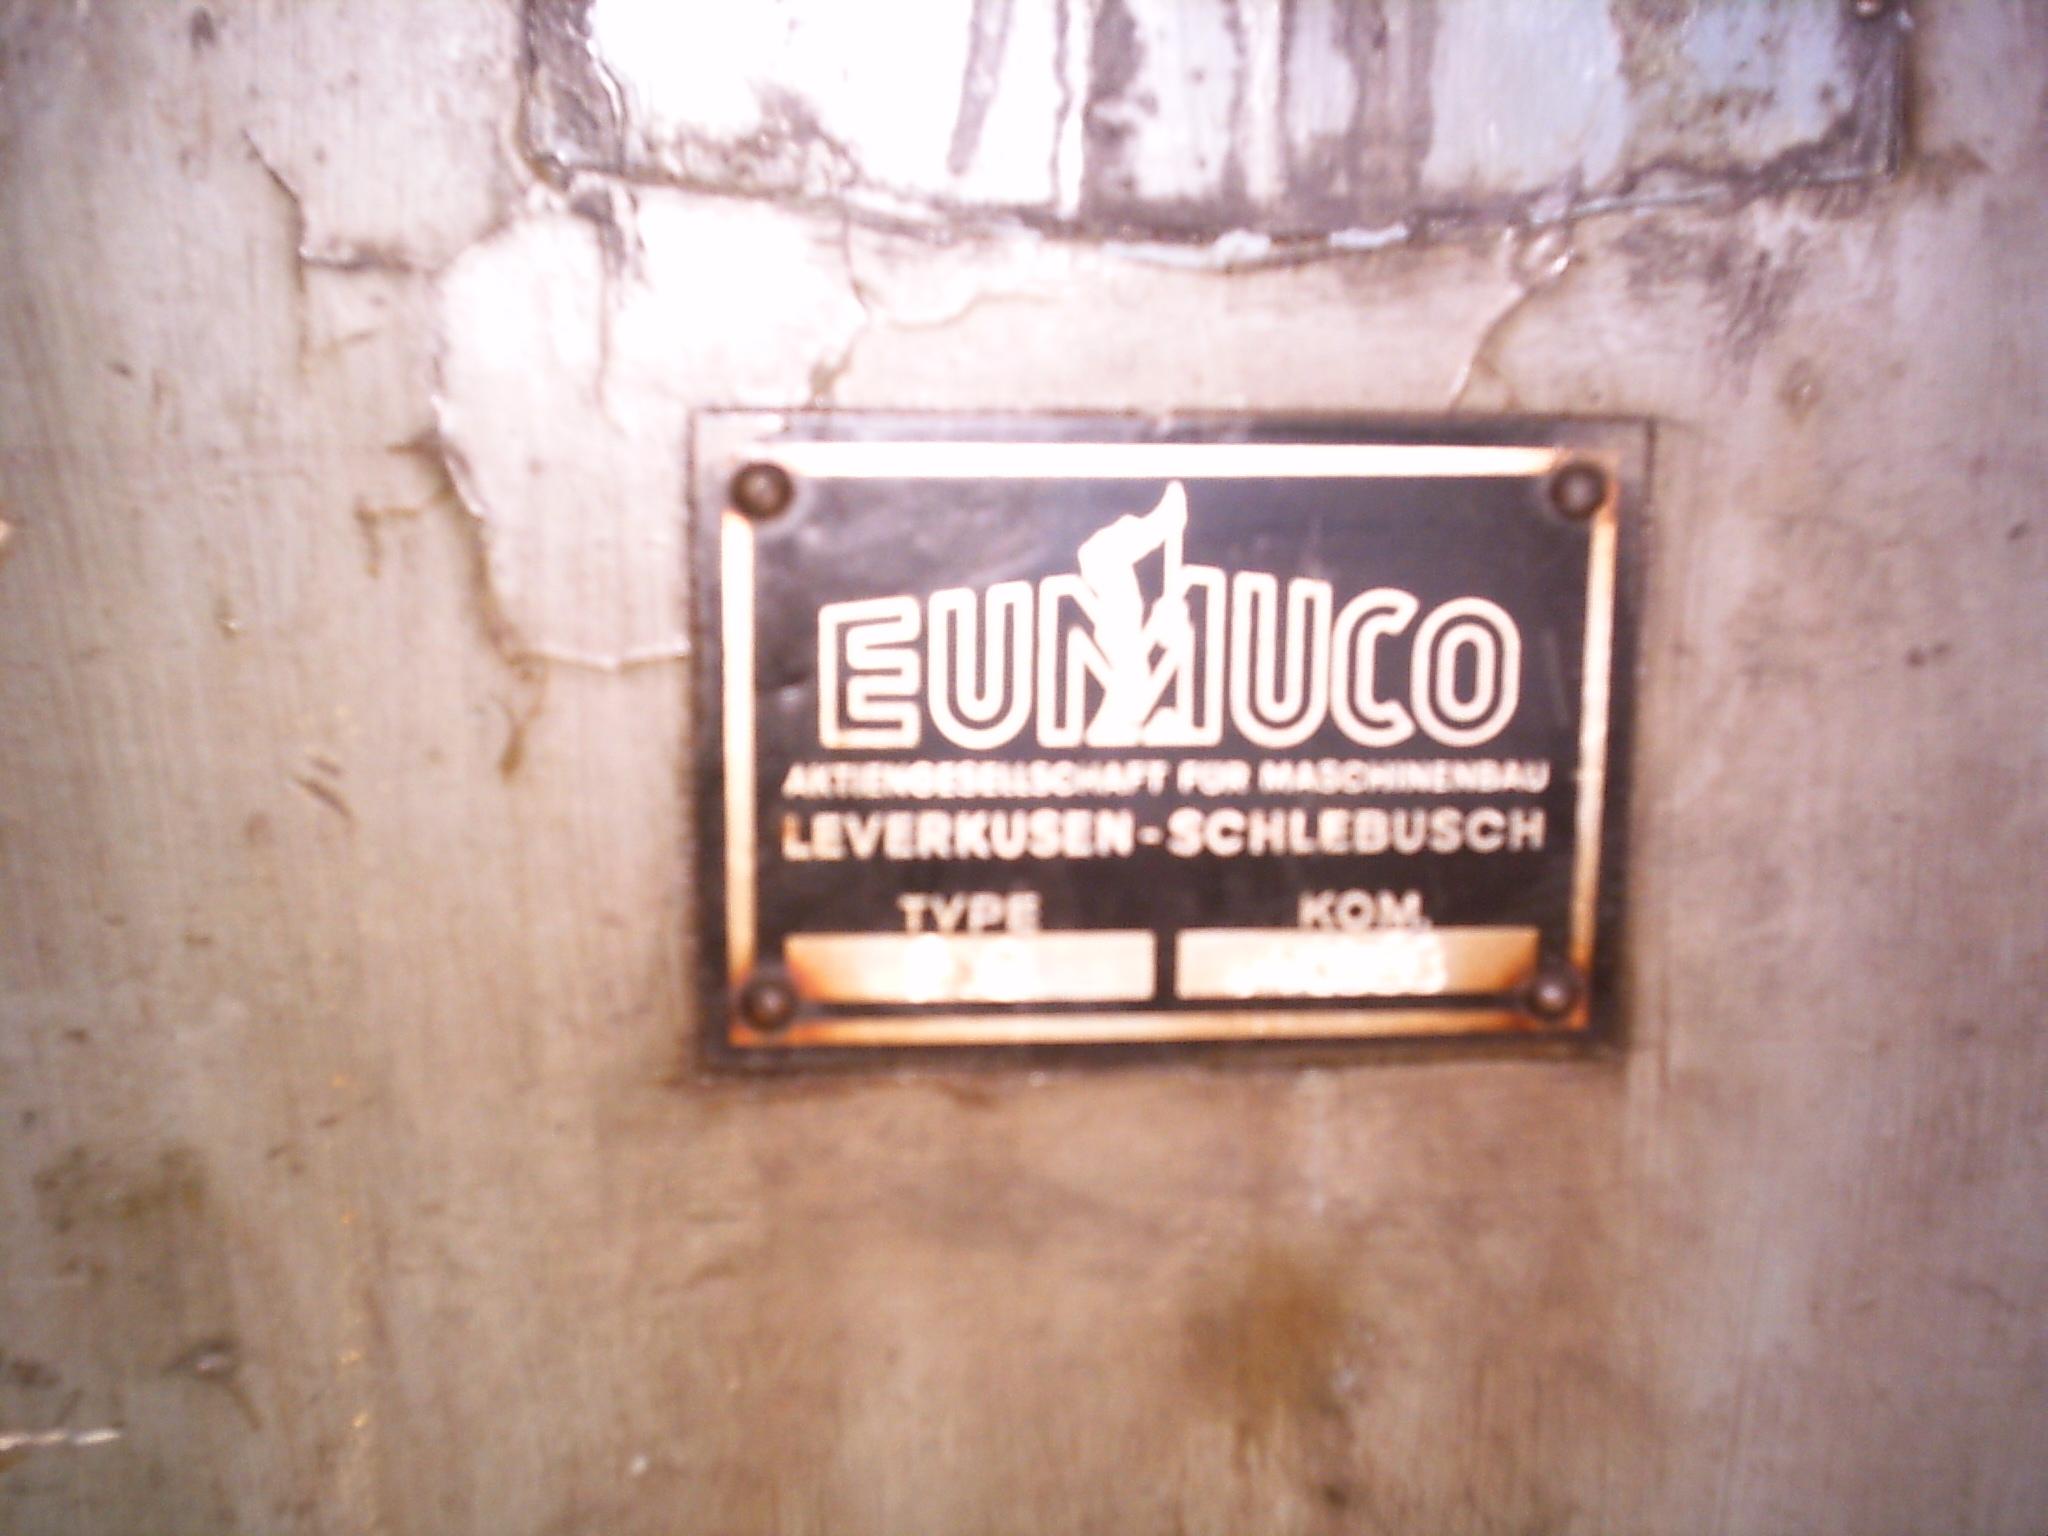 EHammerTypenschild_Eumuco.JPG